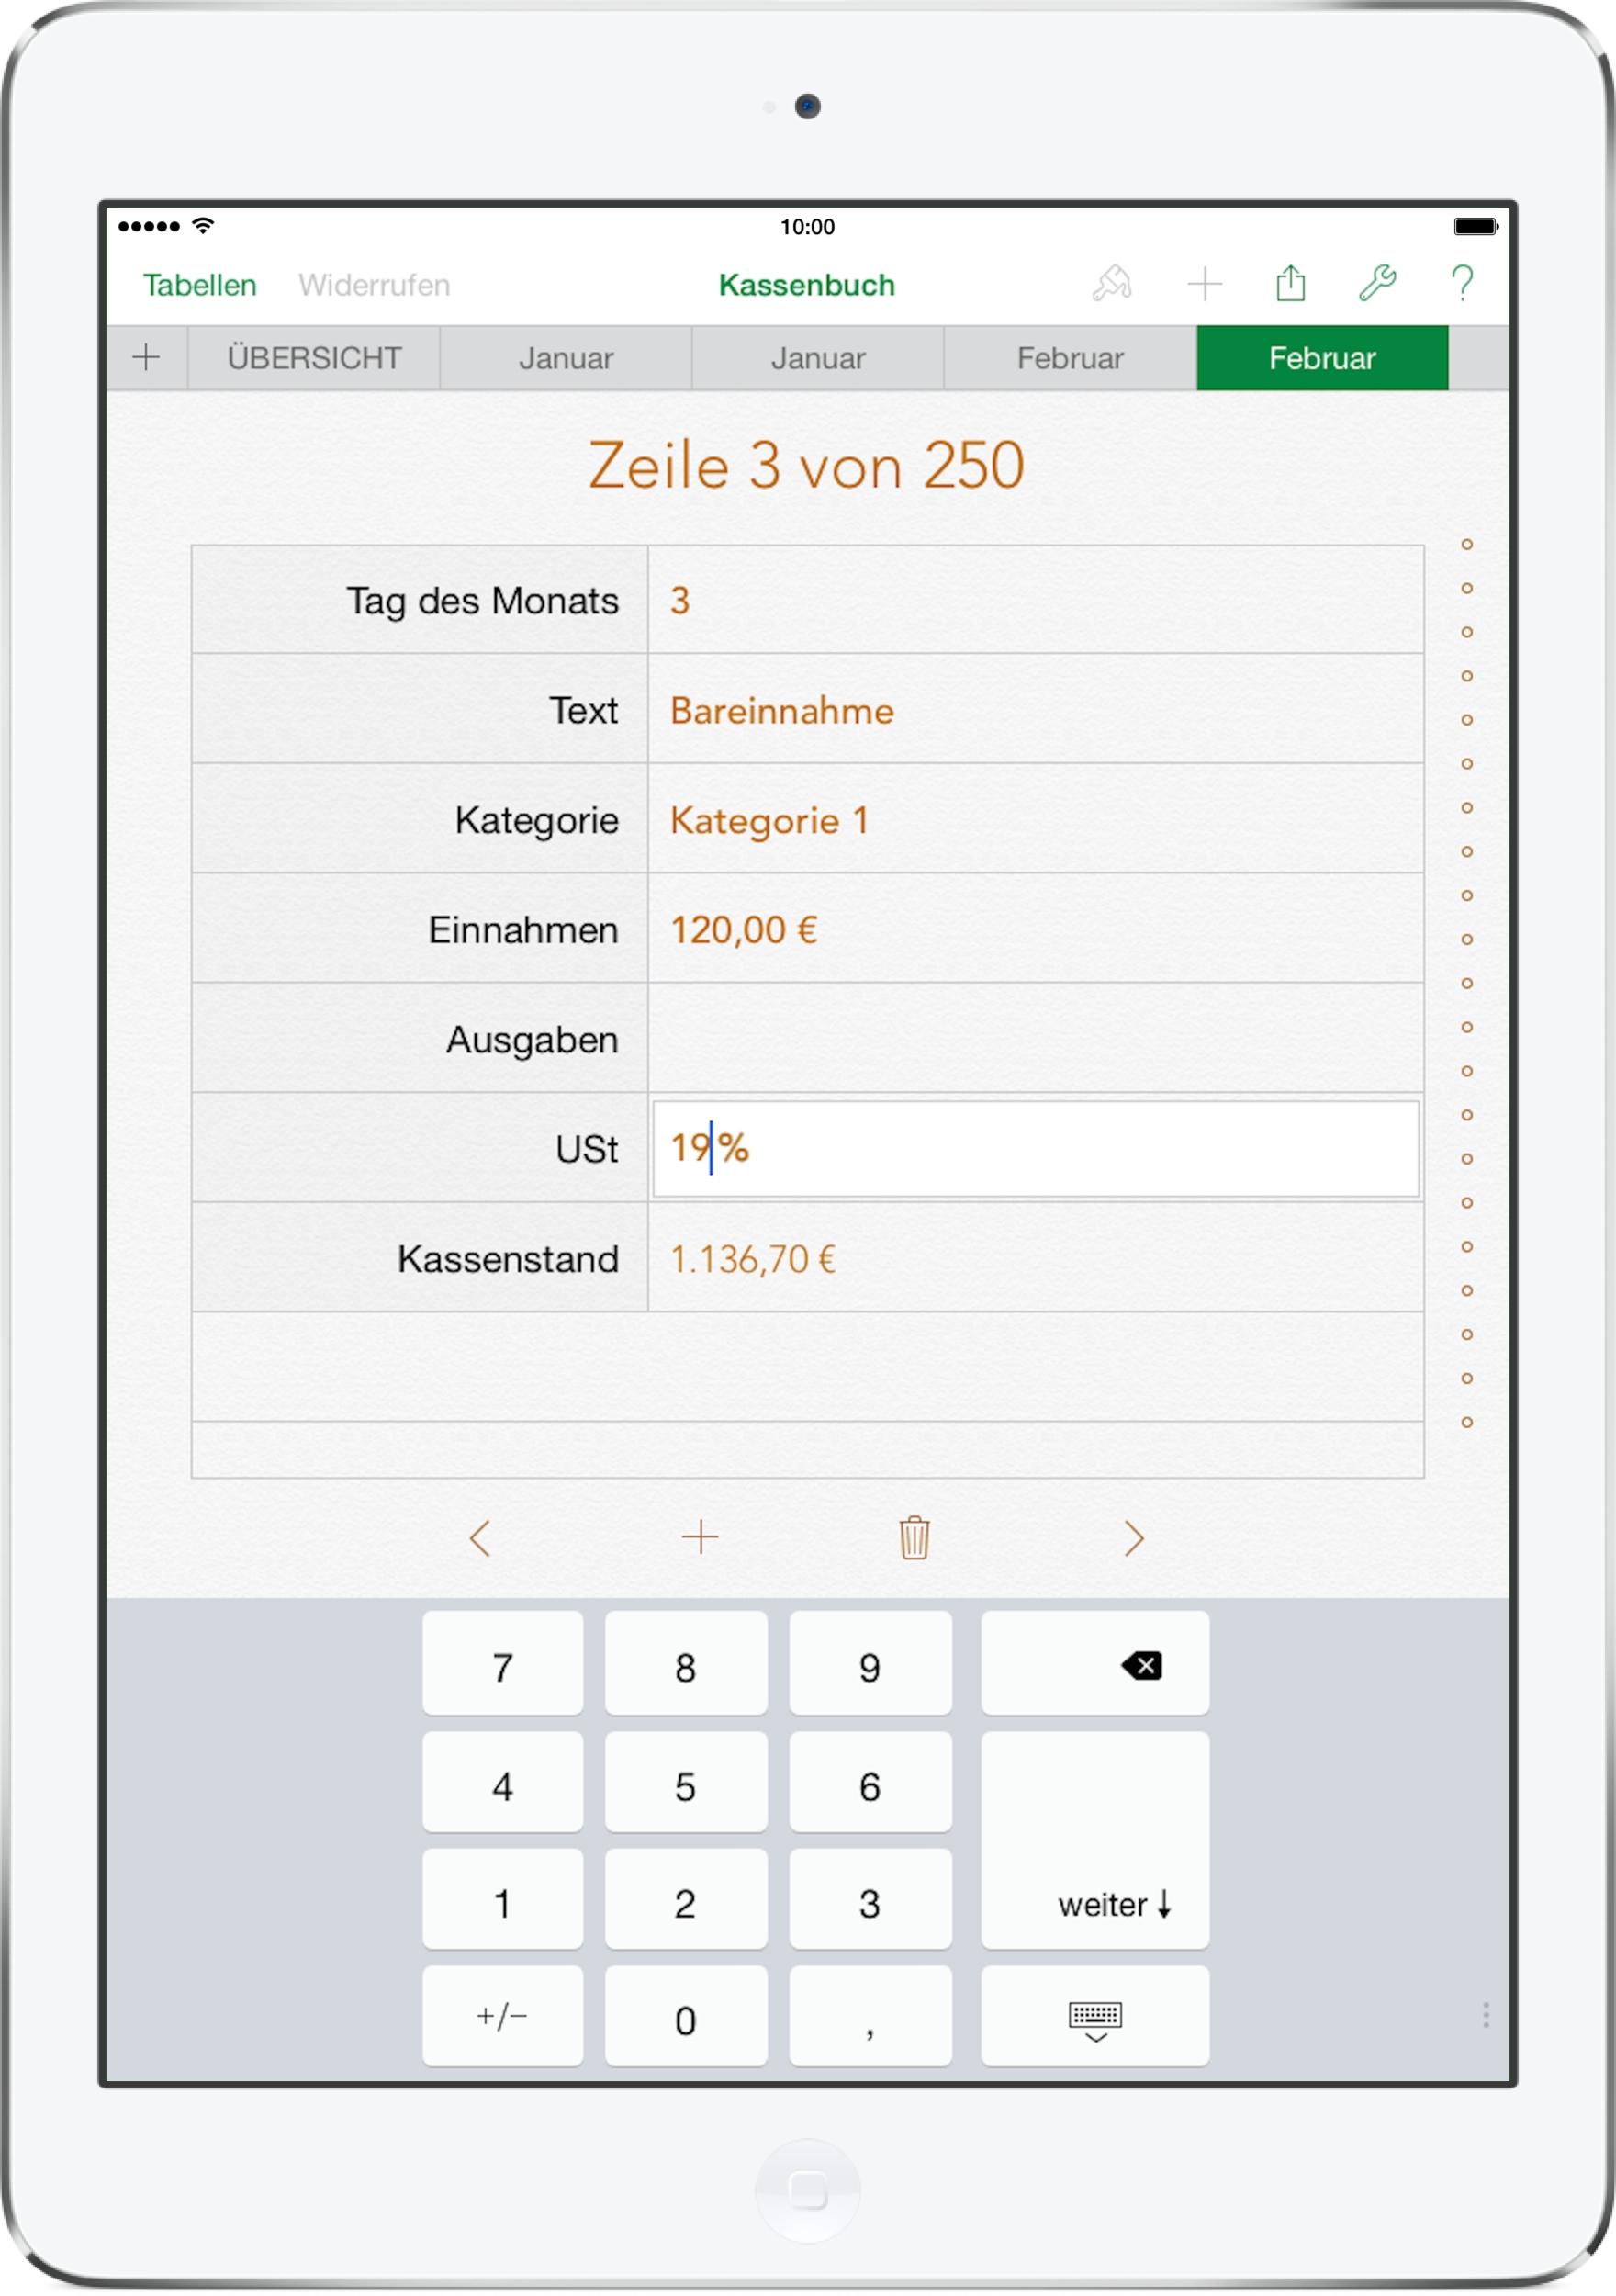 Numbers Vorlage Kassenbuch 2015 mit USt | Numbersvorlagen.de